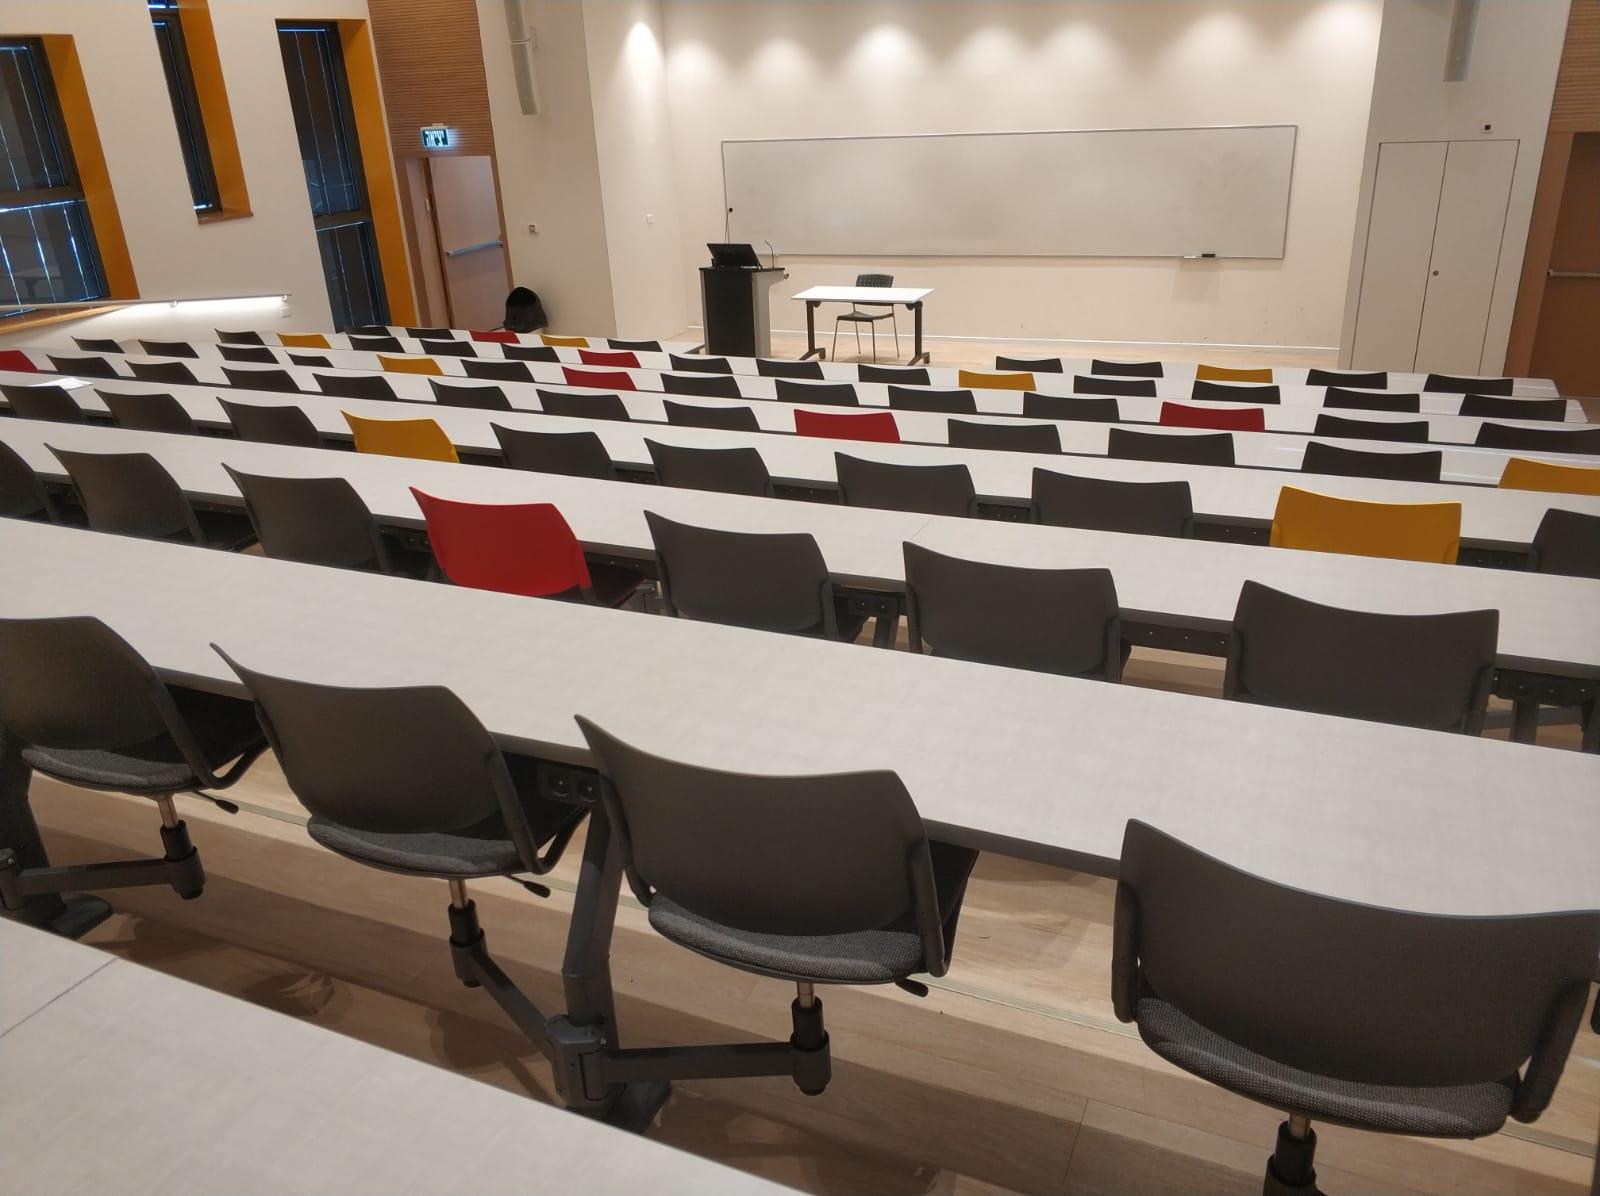 כיסאות כיתות למוד בית ברל מושבי רחף IRWIN (7)